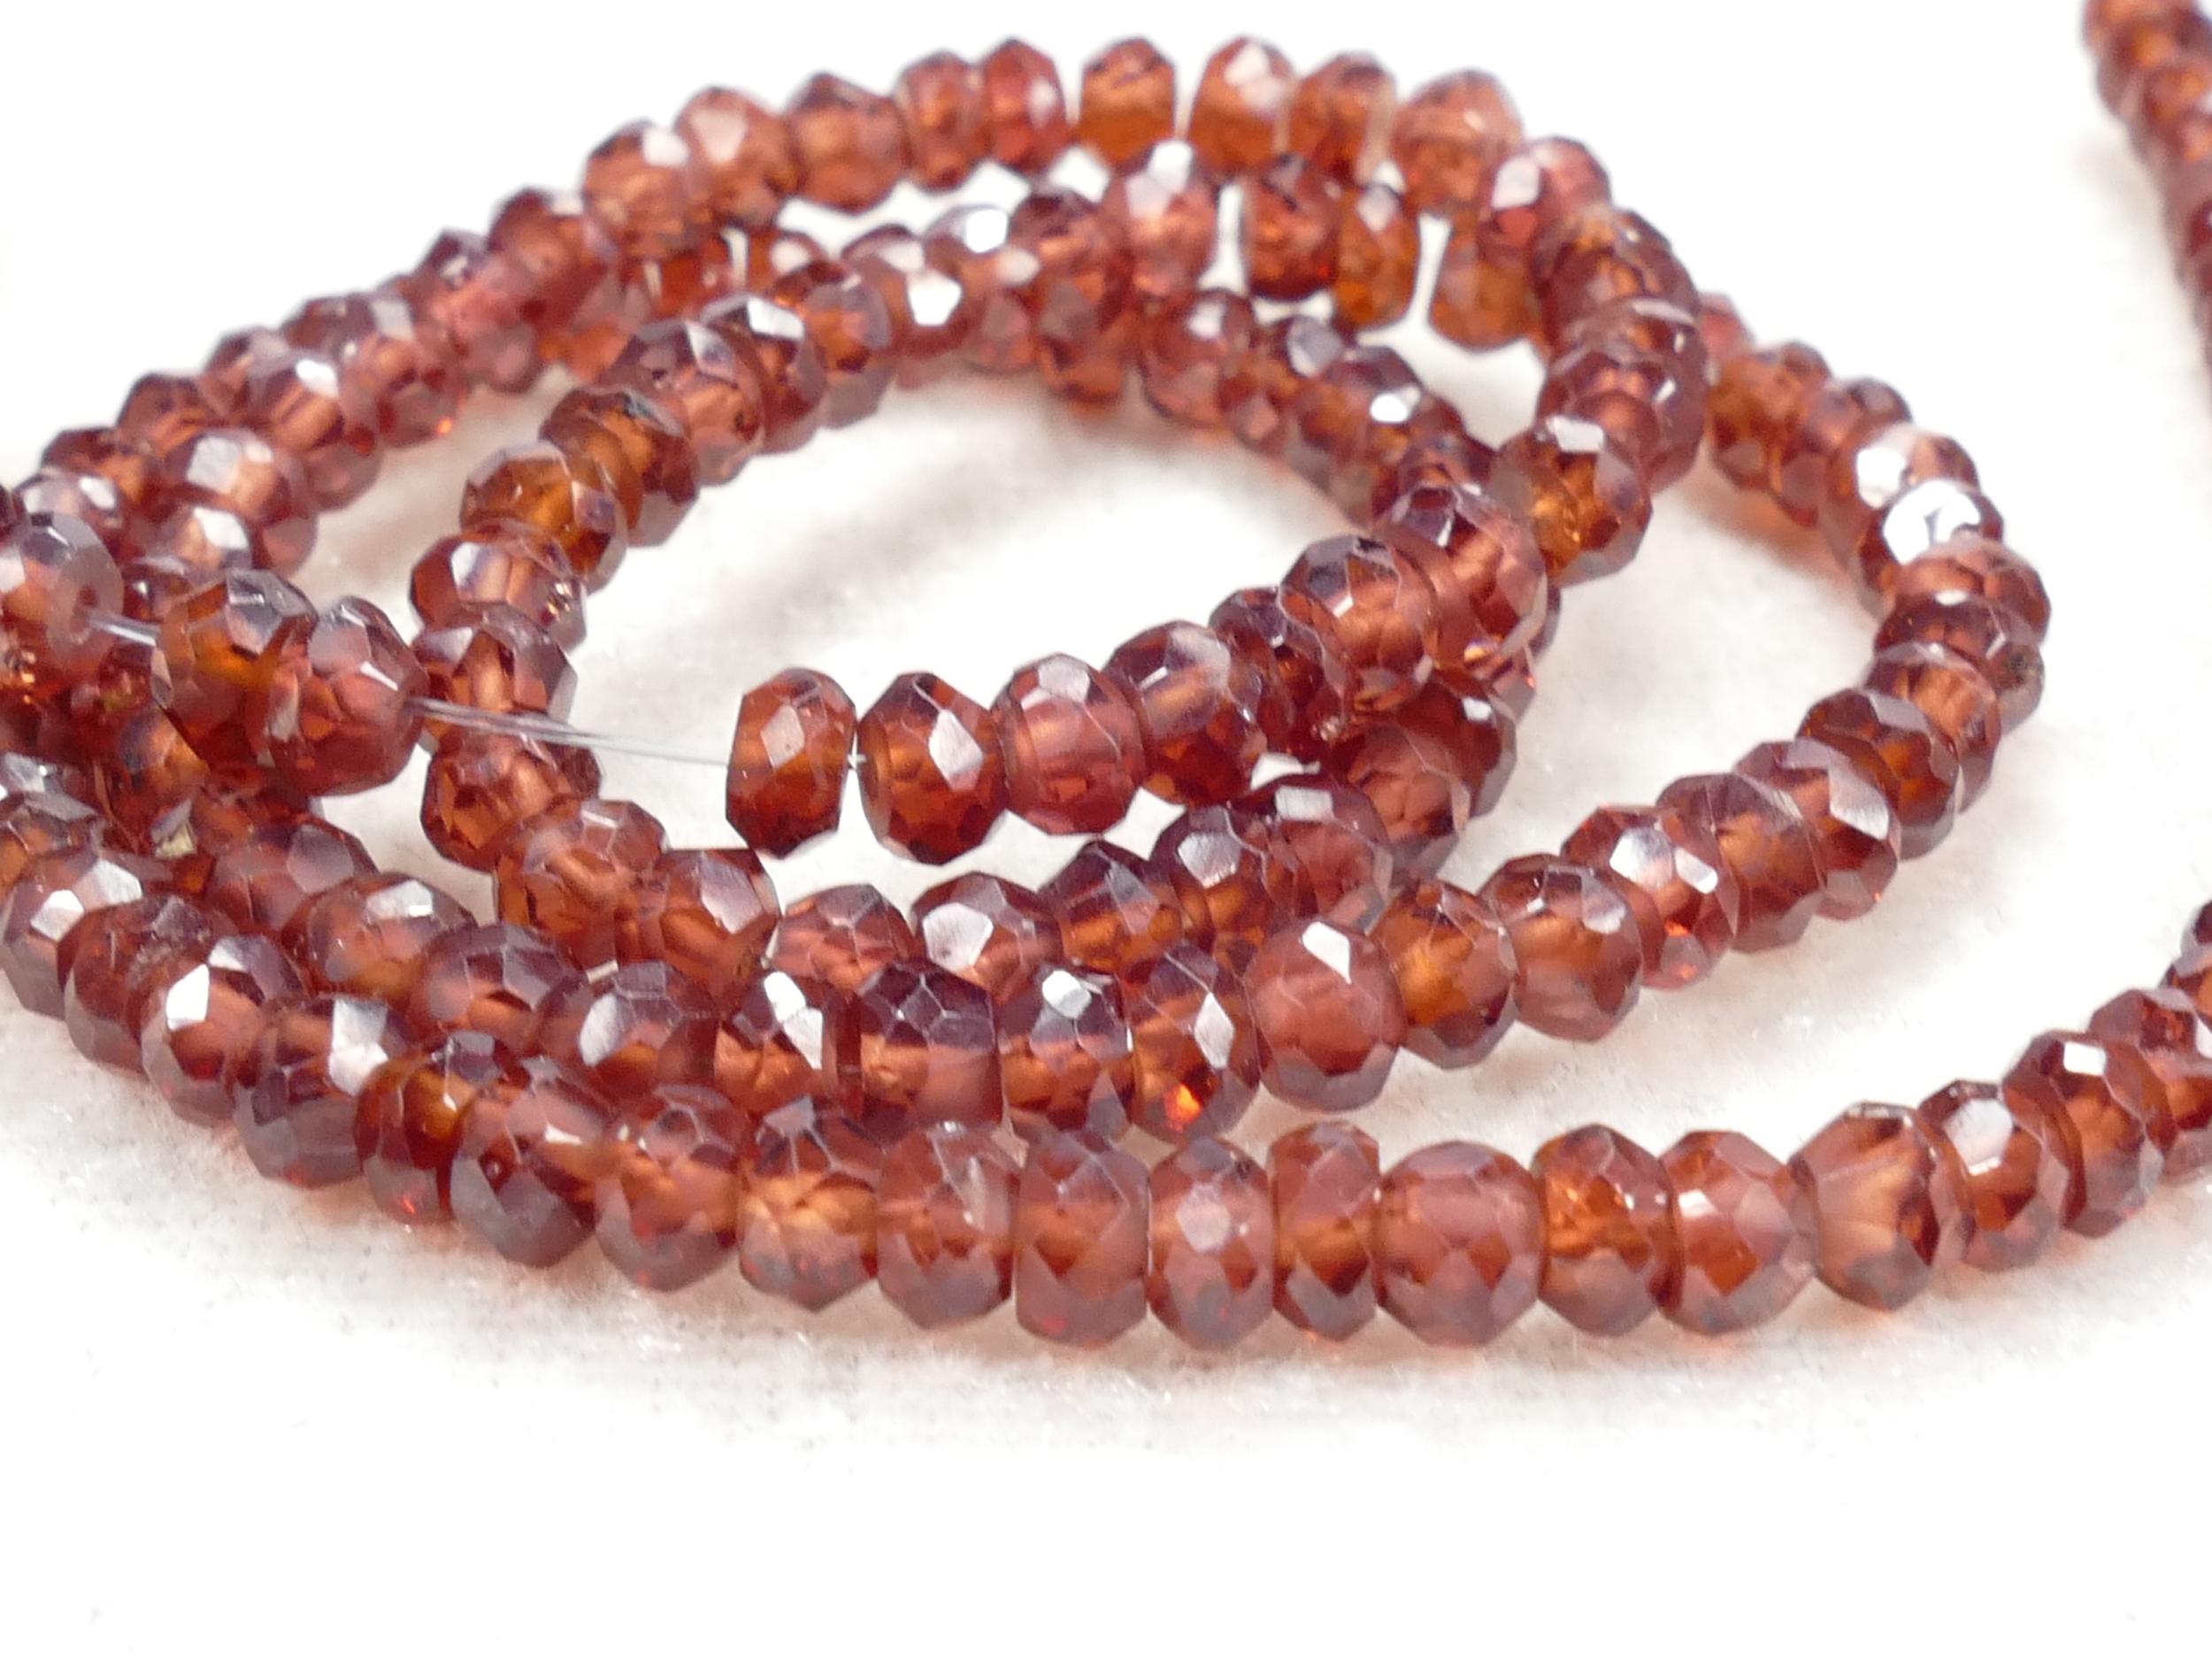 4mm Perles de Grenat rouge orangé naturel rondelle facettée du Mozambique x10cm (3.9inch) (#AC574)